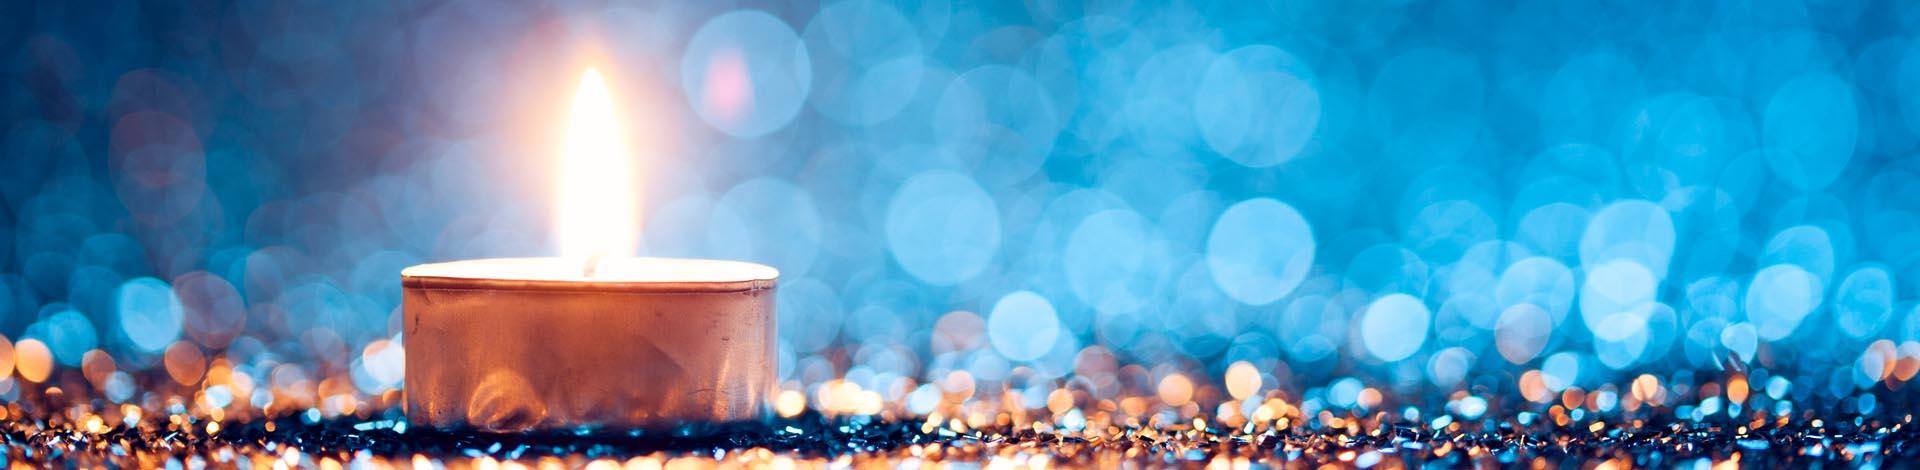 Die SÜLZLE Gruppe wünscht frohe Weihnachten 2018!